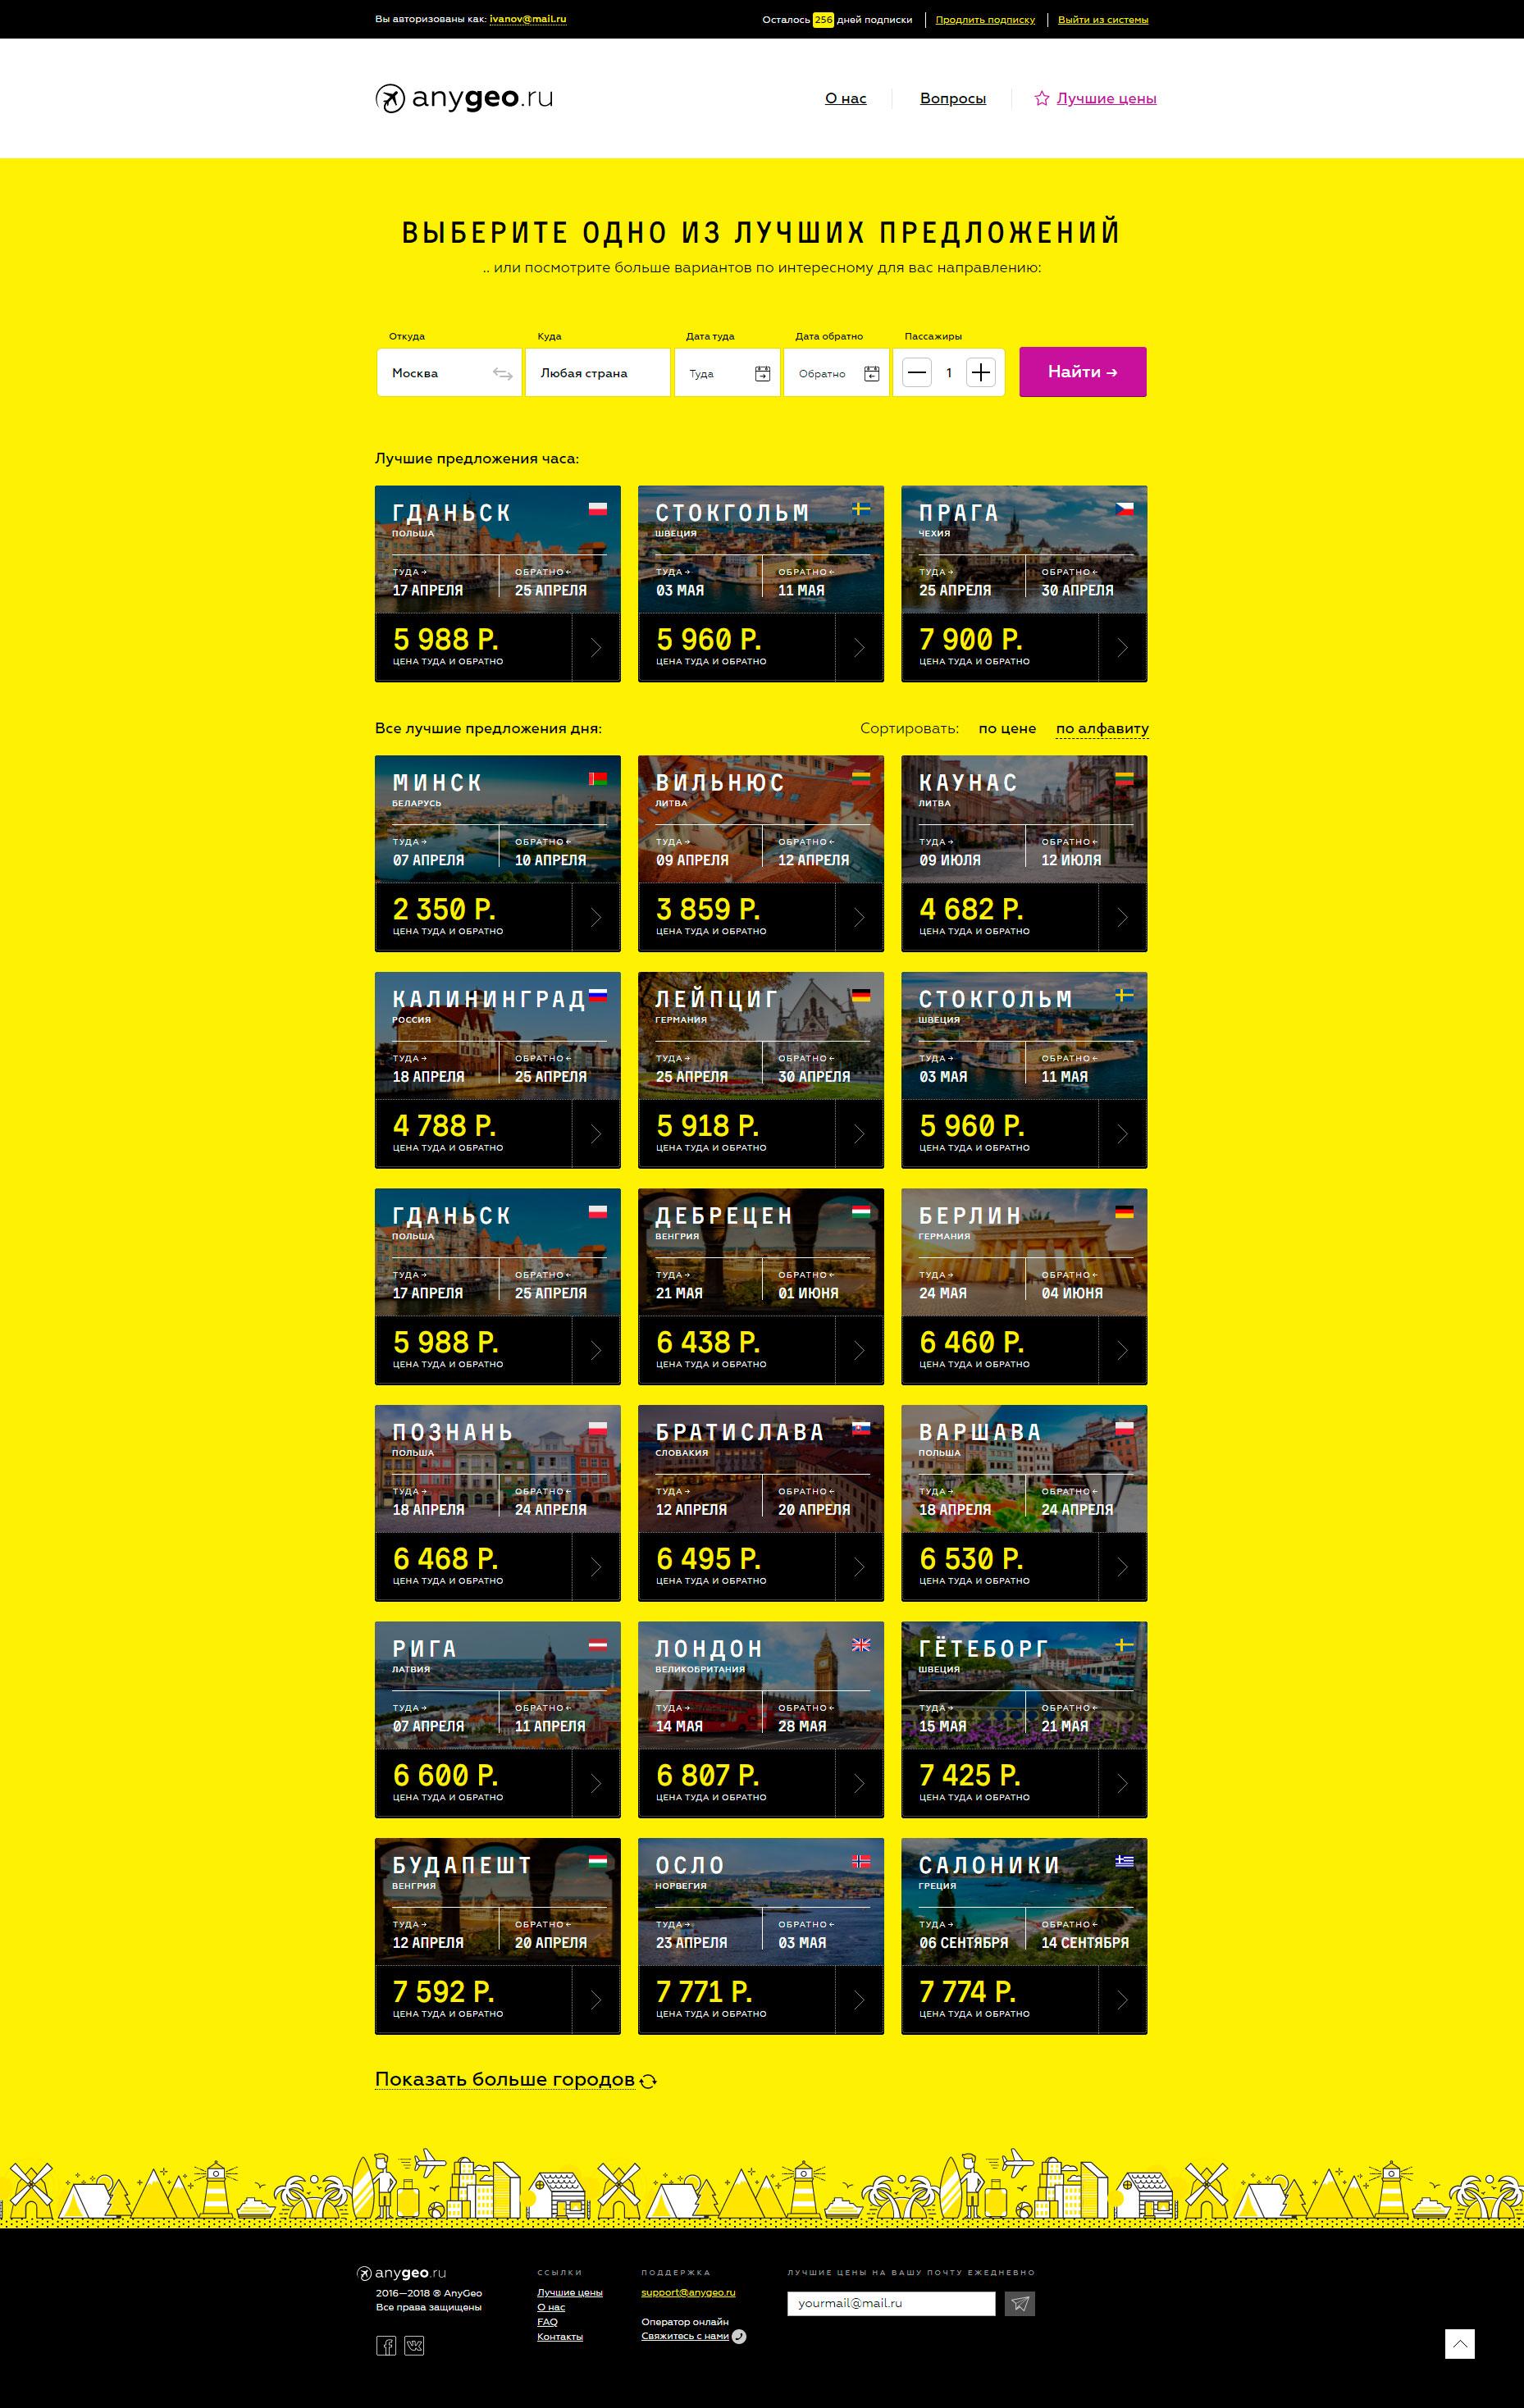 A**G**.ru: Уникальная система поиска и покупки билетов